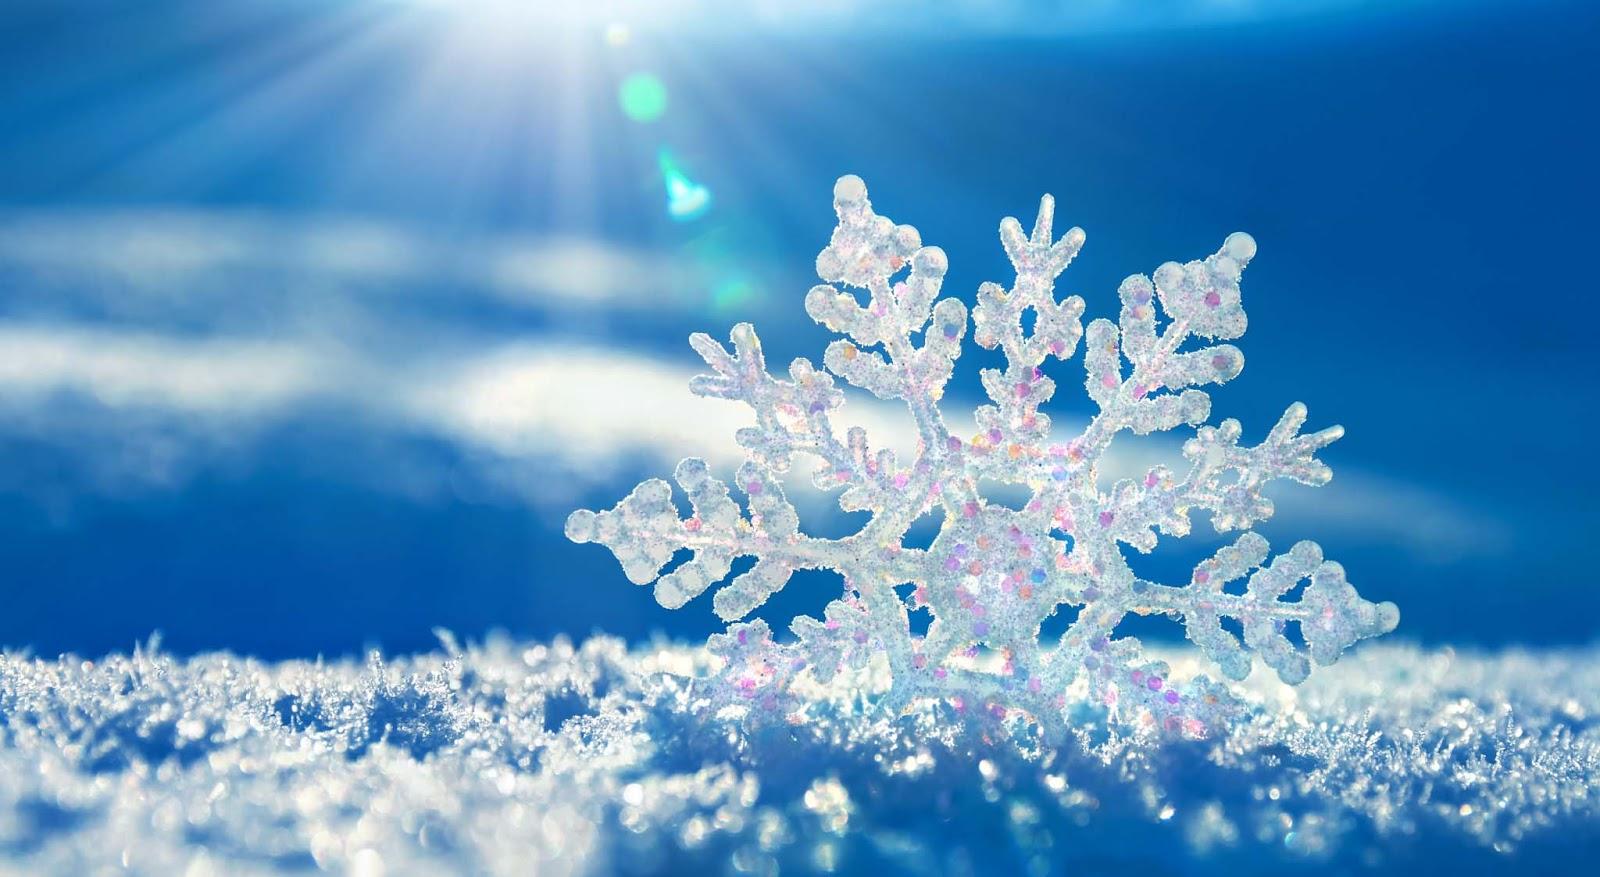 snowflake - photo #37